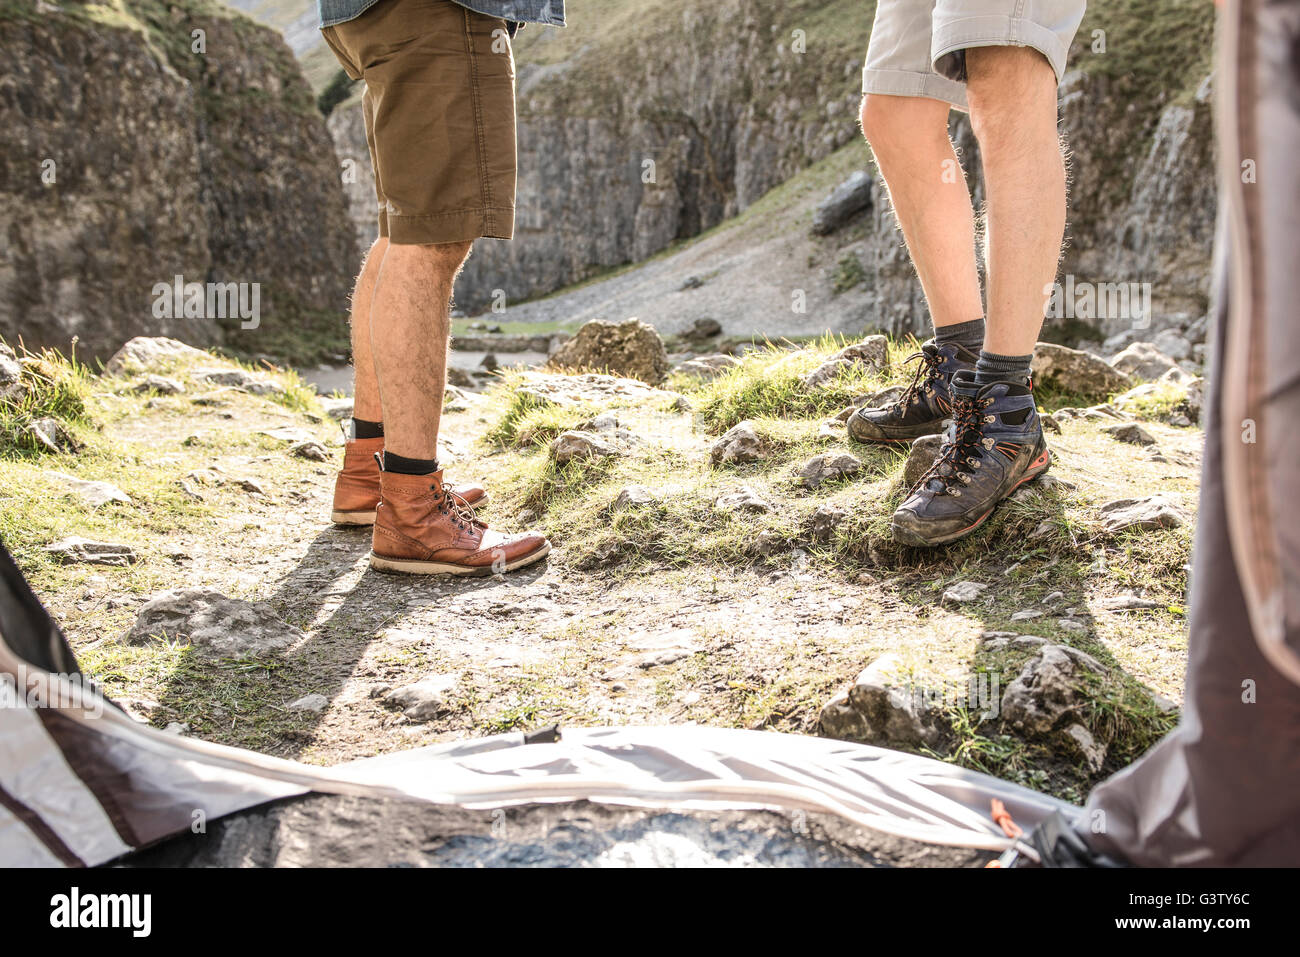 Les jambes de deux hommes vu de l'intérieur de leur tente dans un terrain accidenté. Photo Stock